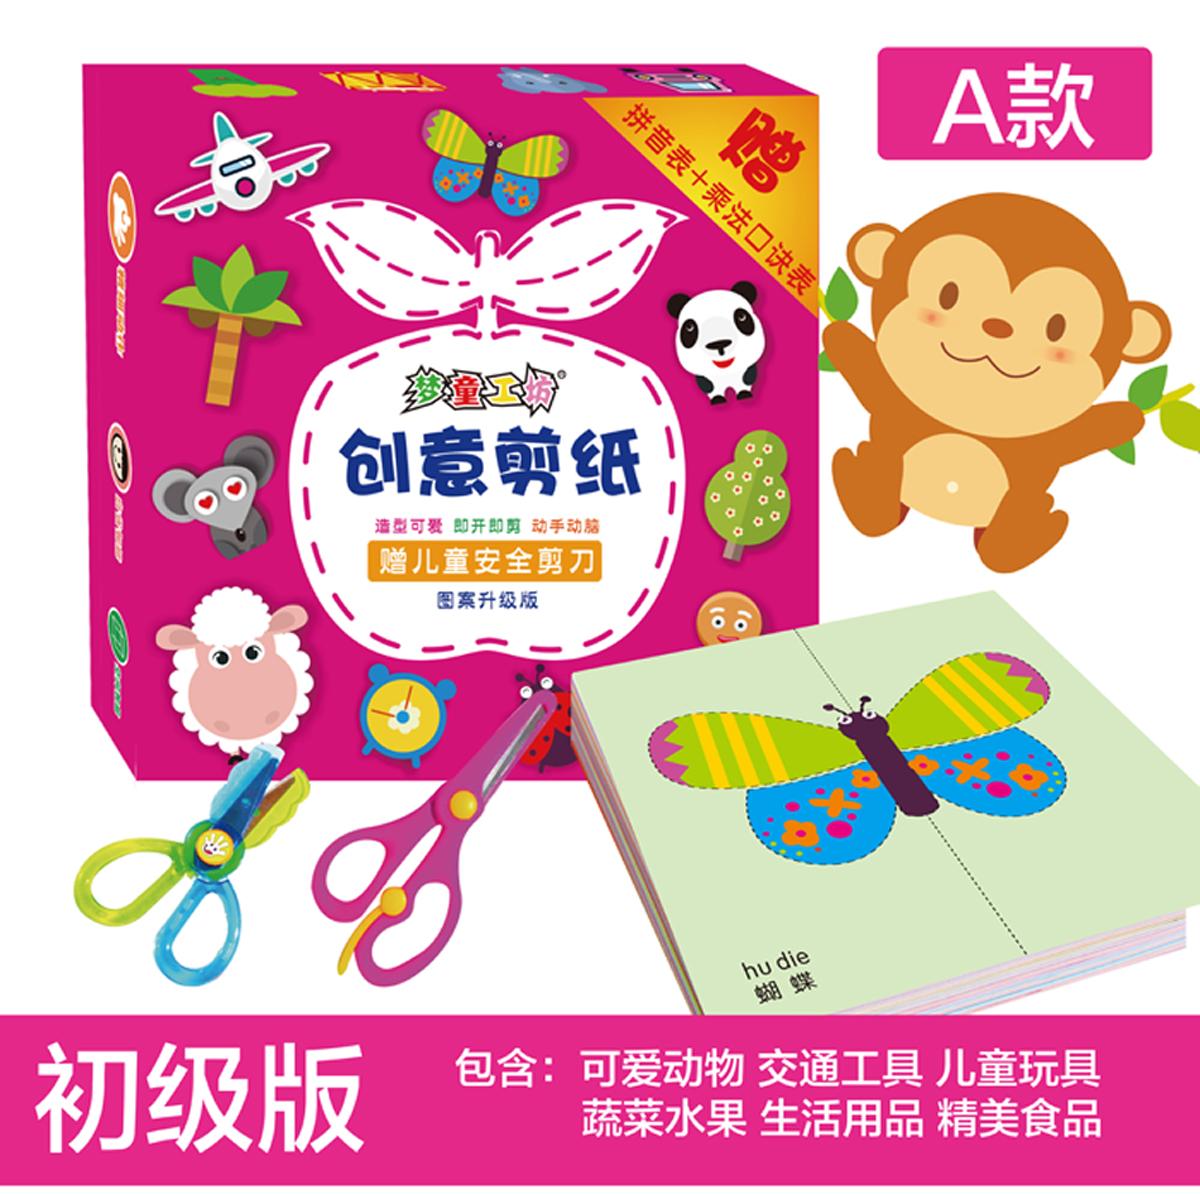 剪纸儿童 幼儿园手工书儿童diy手工剪纸创意制作立体折纸趣味玩具